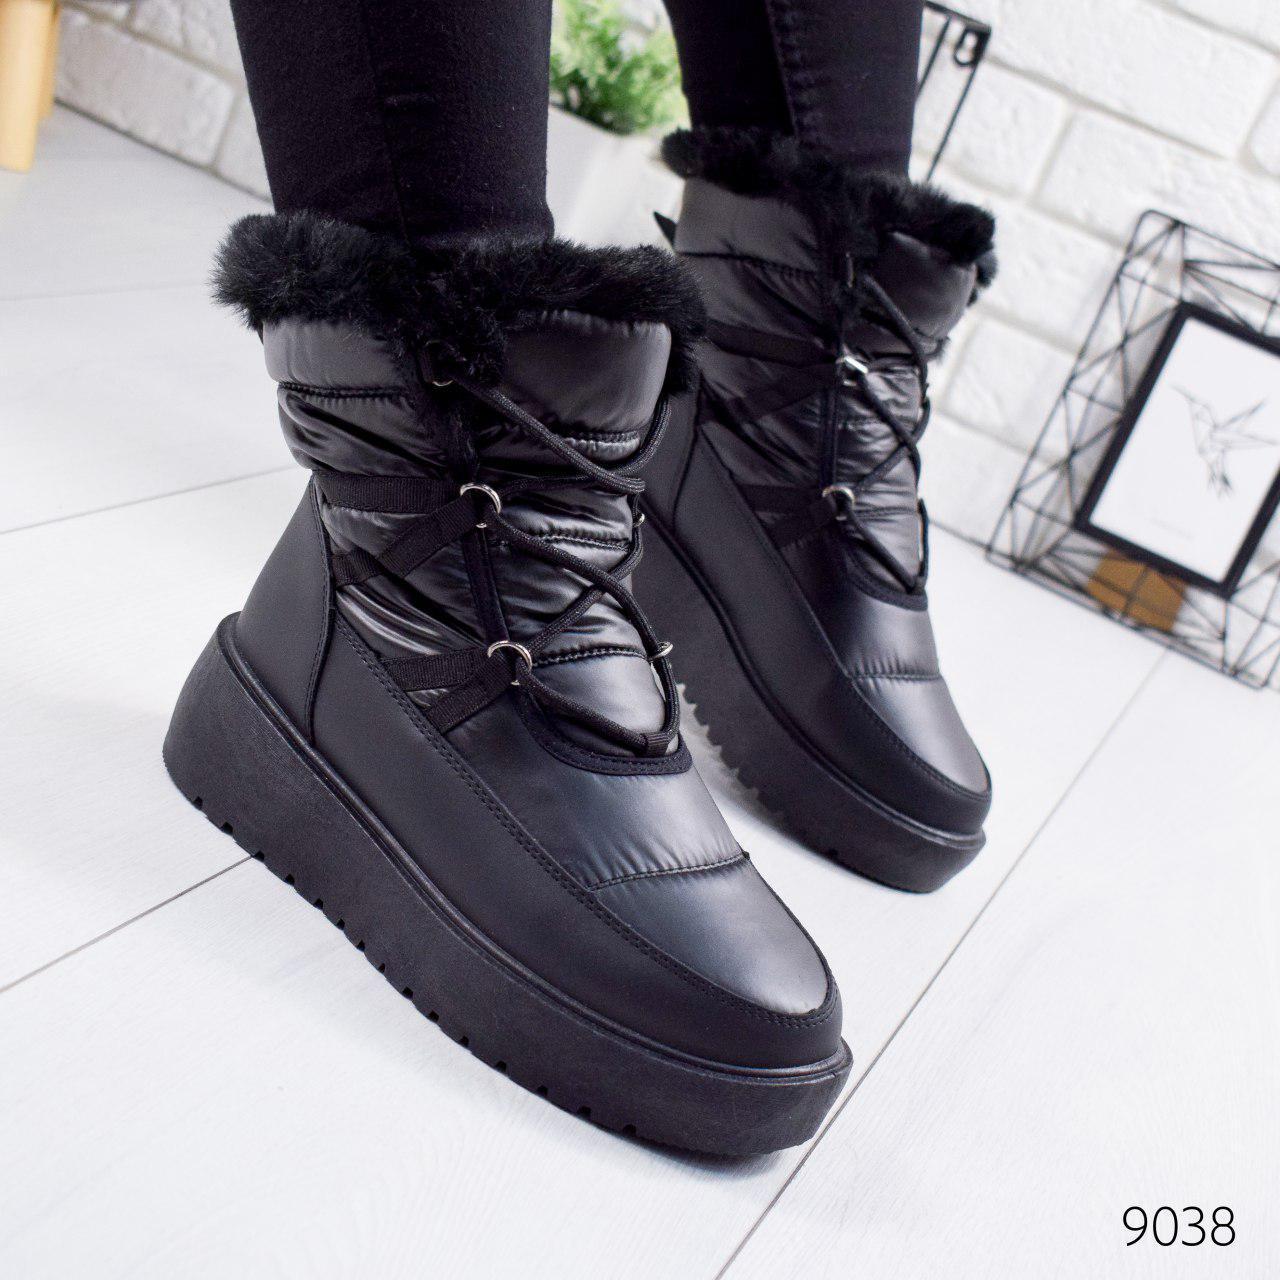 """Ботинки женские зимние, черного цвета из плащевки """"9038"""". Черевики жіночі. Ботинки теплые"""